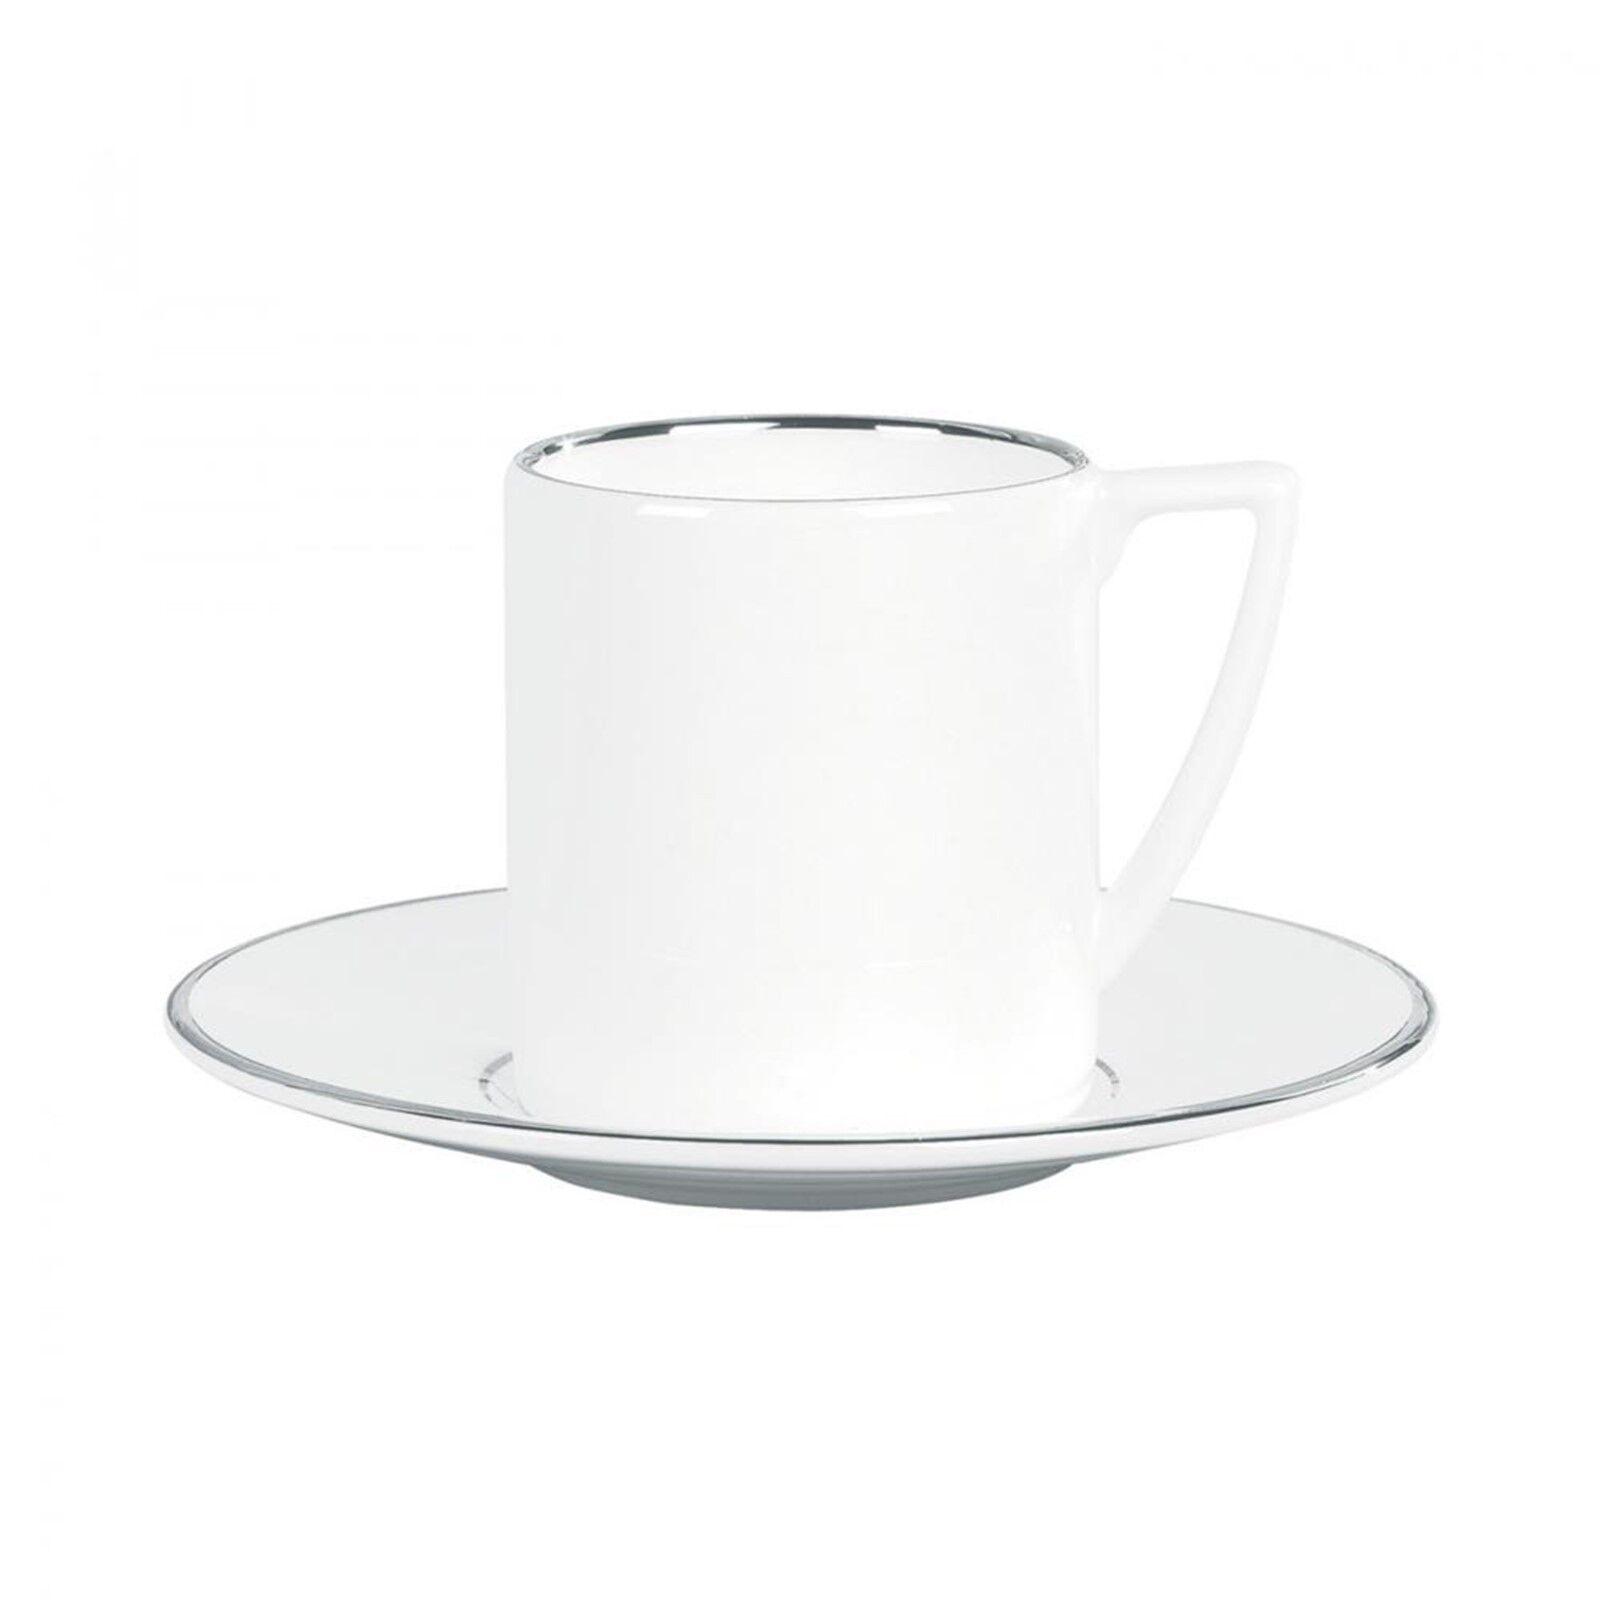 2-Wedgwood Jasper Tazza caffè - servizio 6 pezzi